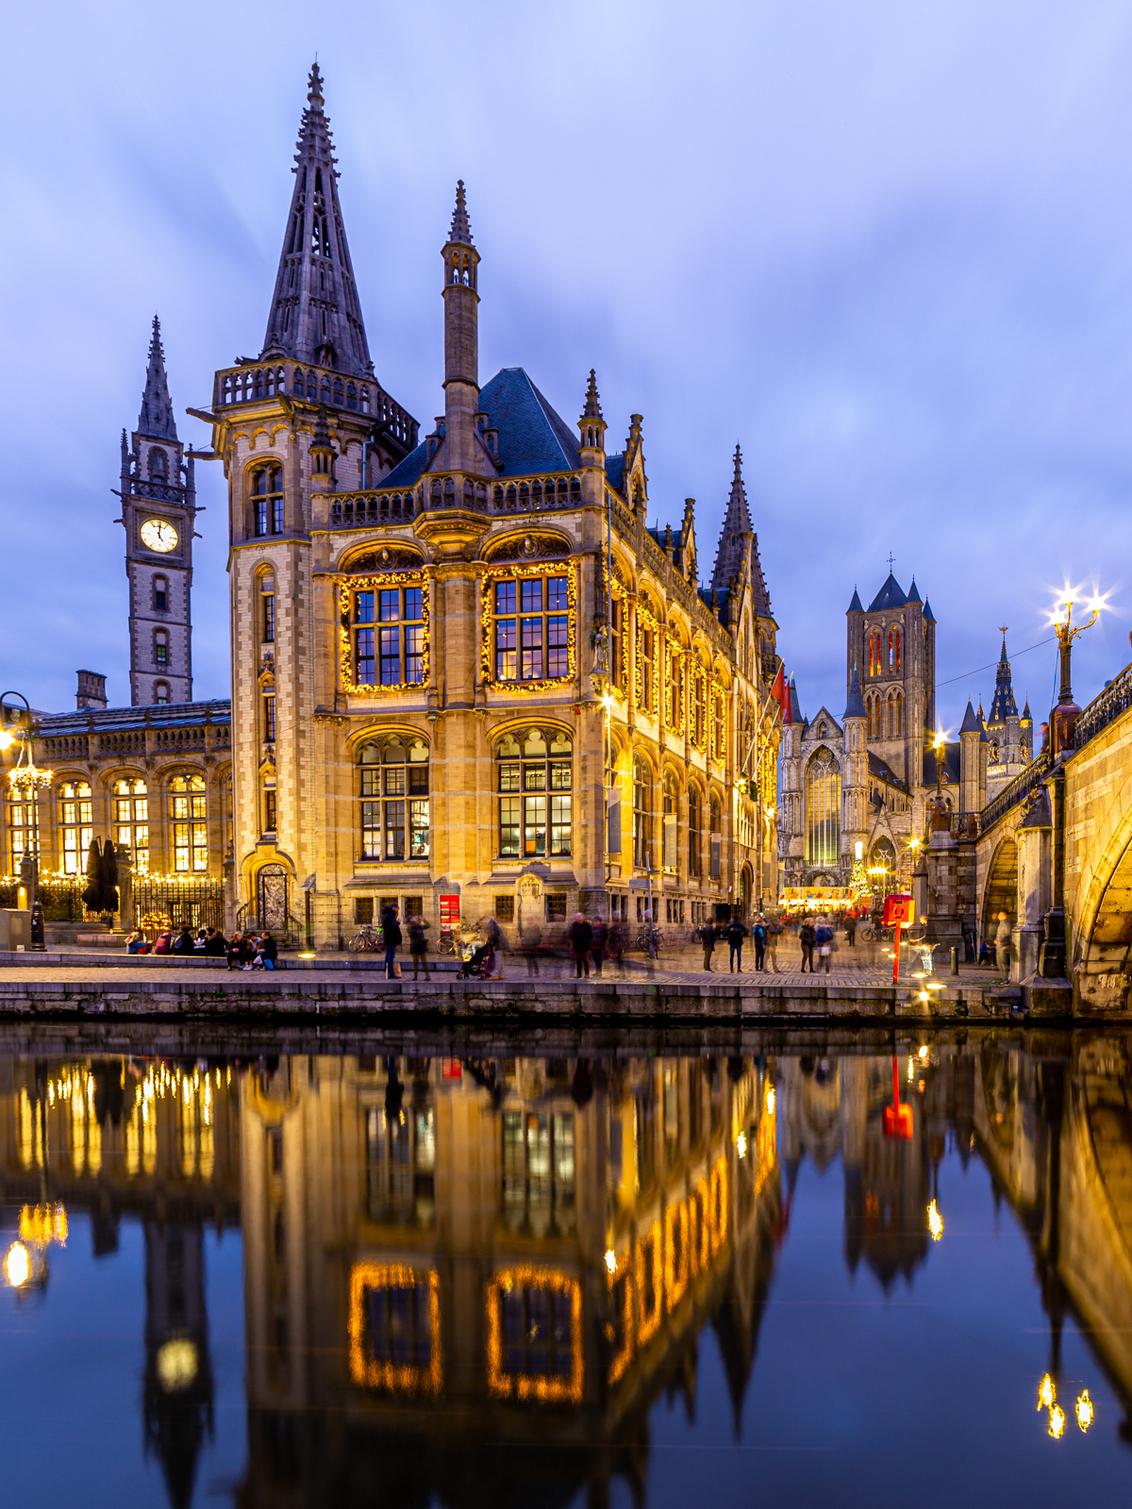 Kerst in Gent - Gent een bekende mooie stad in Belgie. In december tref je een mooie verlichte stad en een gezellige kerstmarkt - foto door lbfoot op 22-12-2019 - deze foto bevat: water, spiegeling, landschap, kerk, brug, belgie, gent, verlichting, leie, toerisme, postkantoor, europa, twilight, blue hour